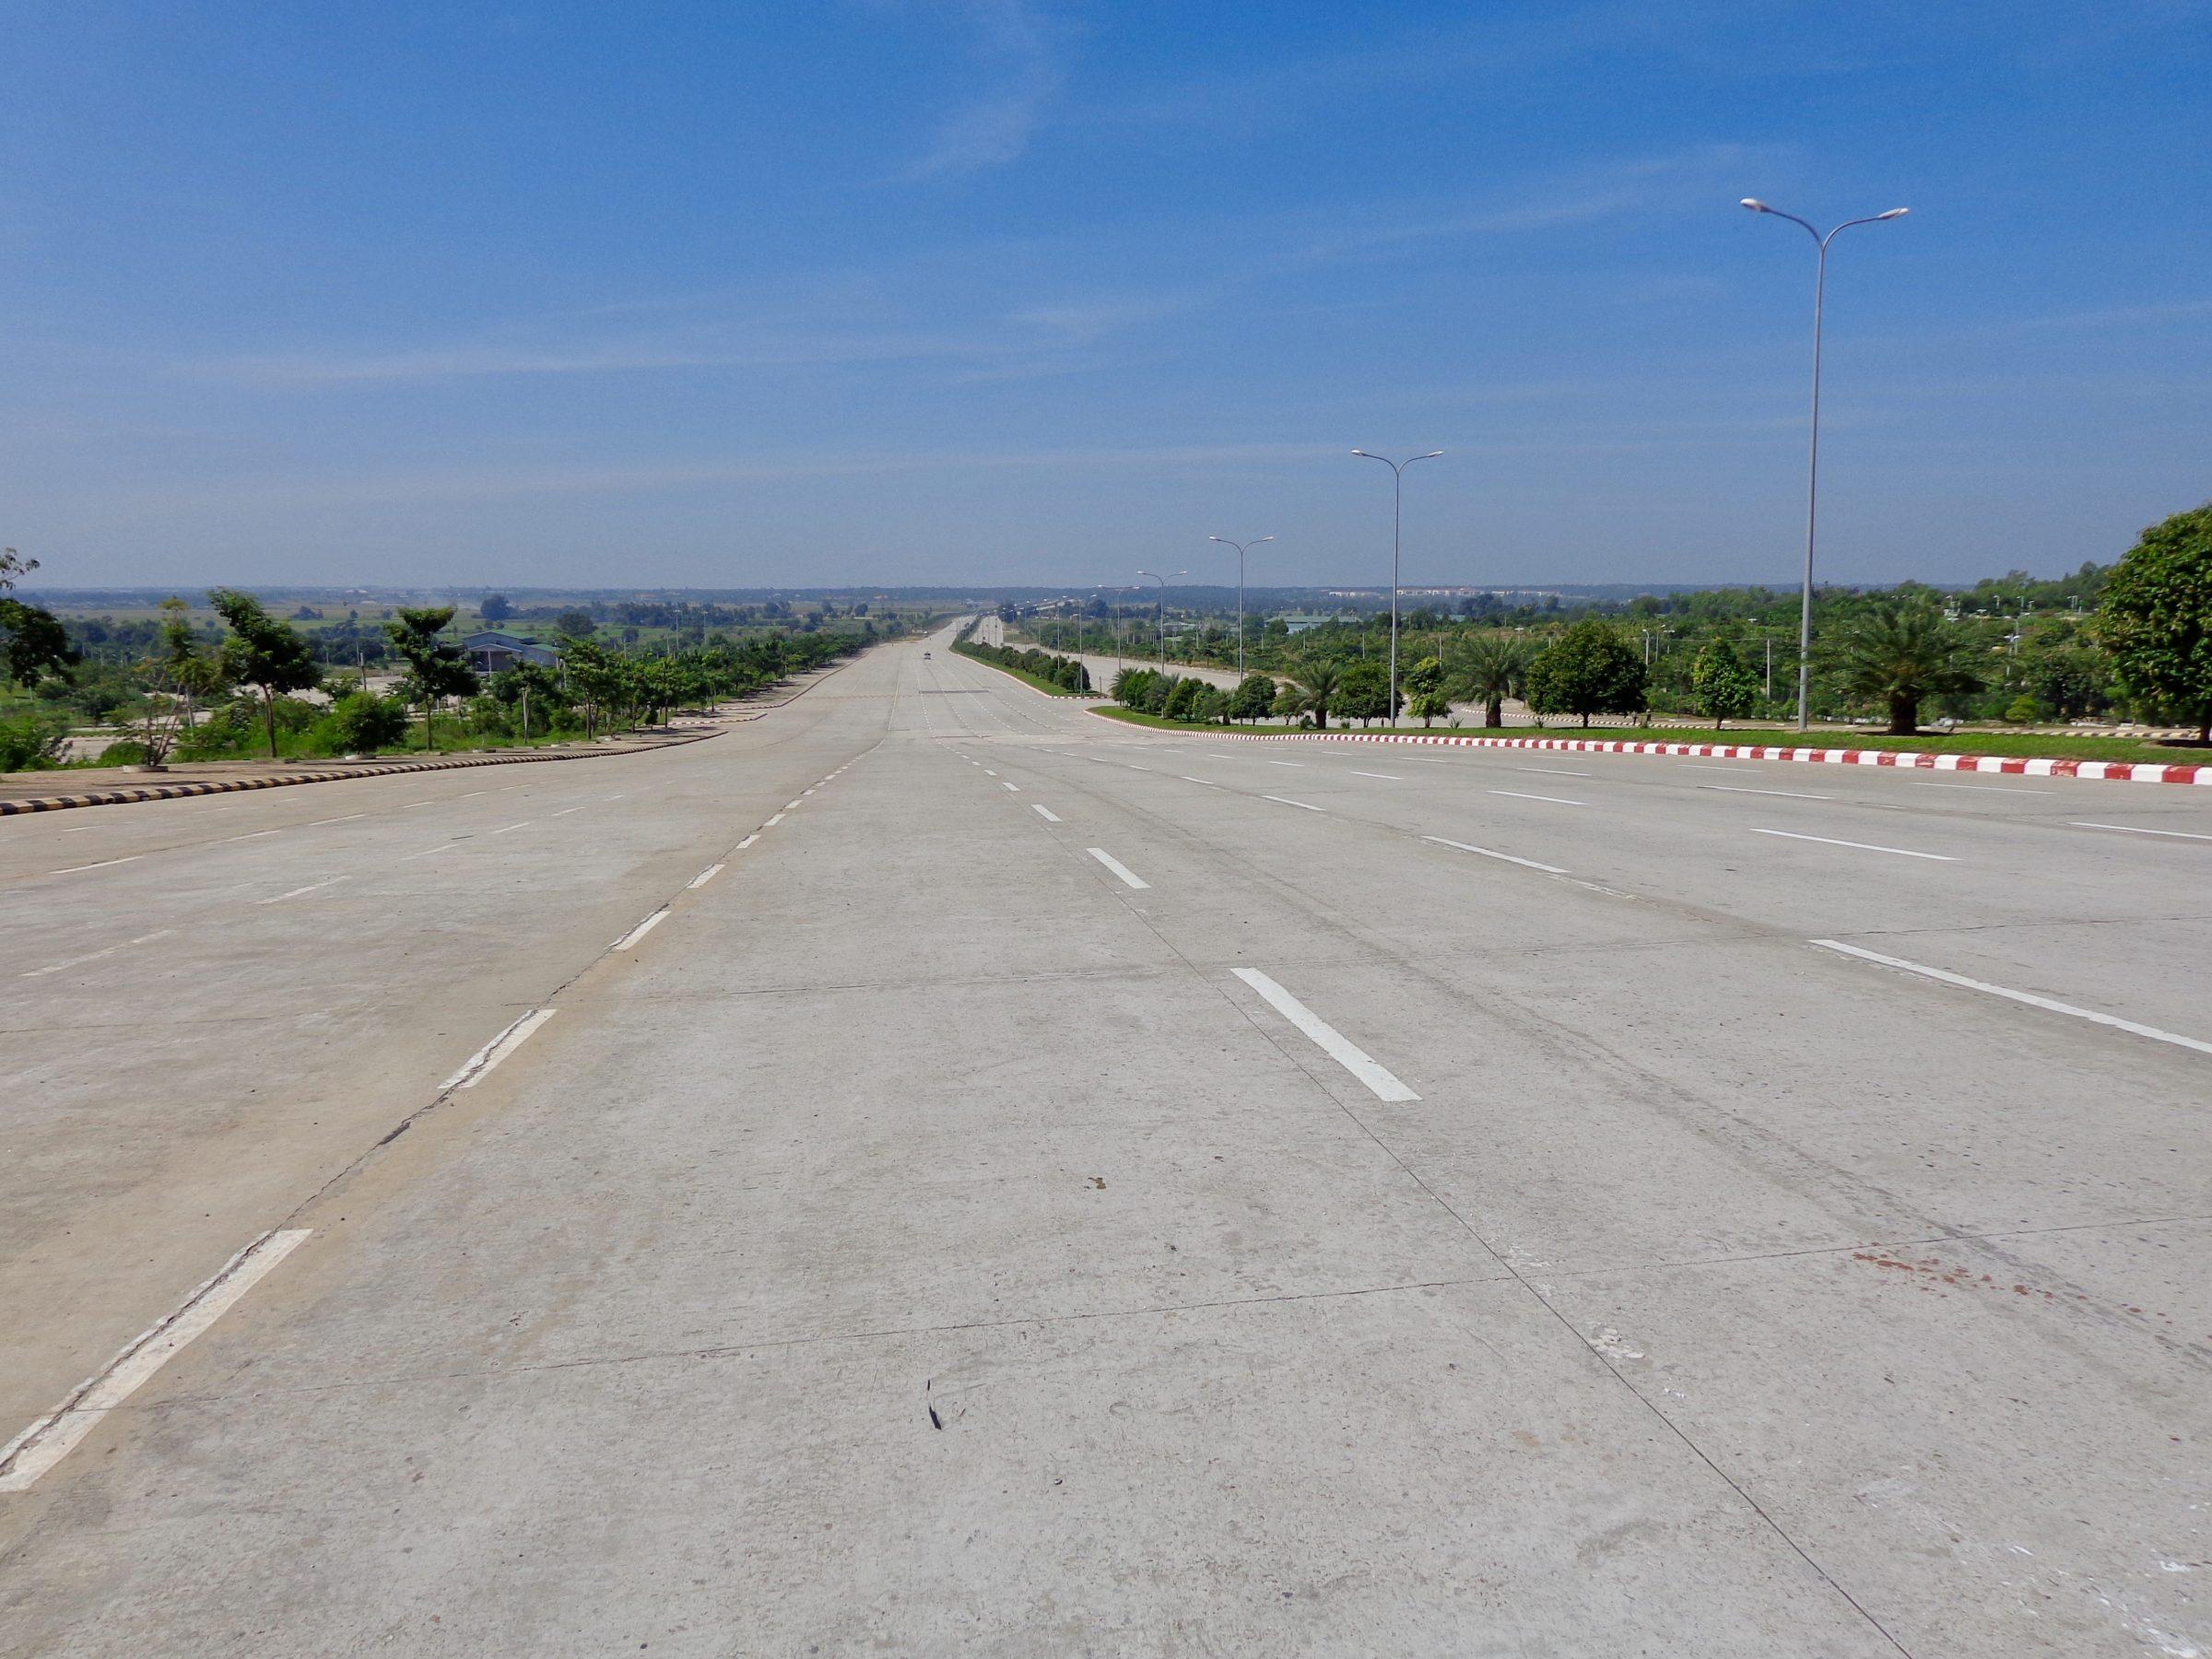 De lege hoofdweg in Naypidaw telt 8 rijstroken aan weerszijden